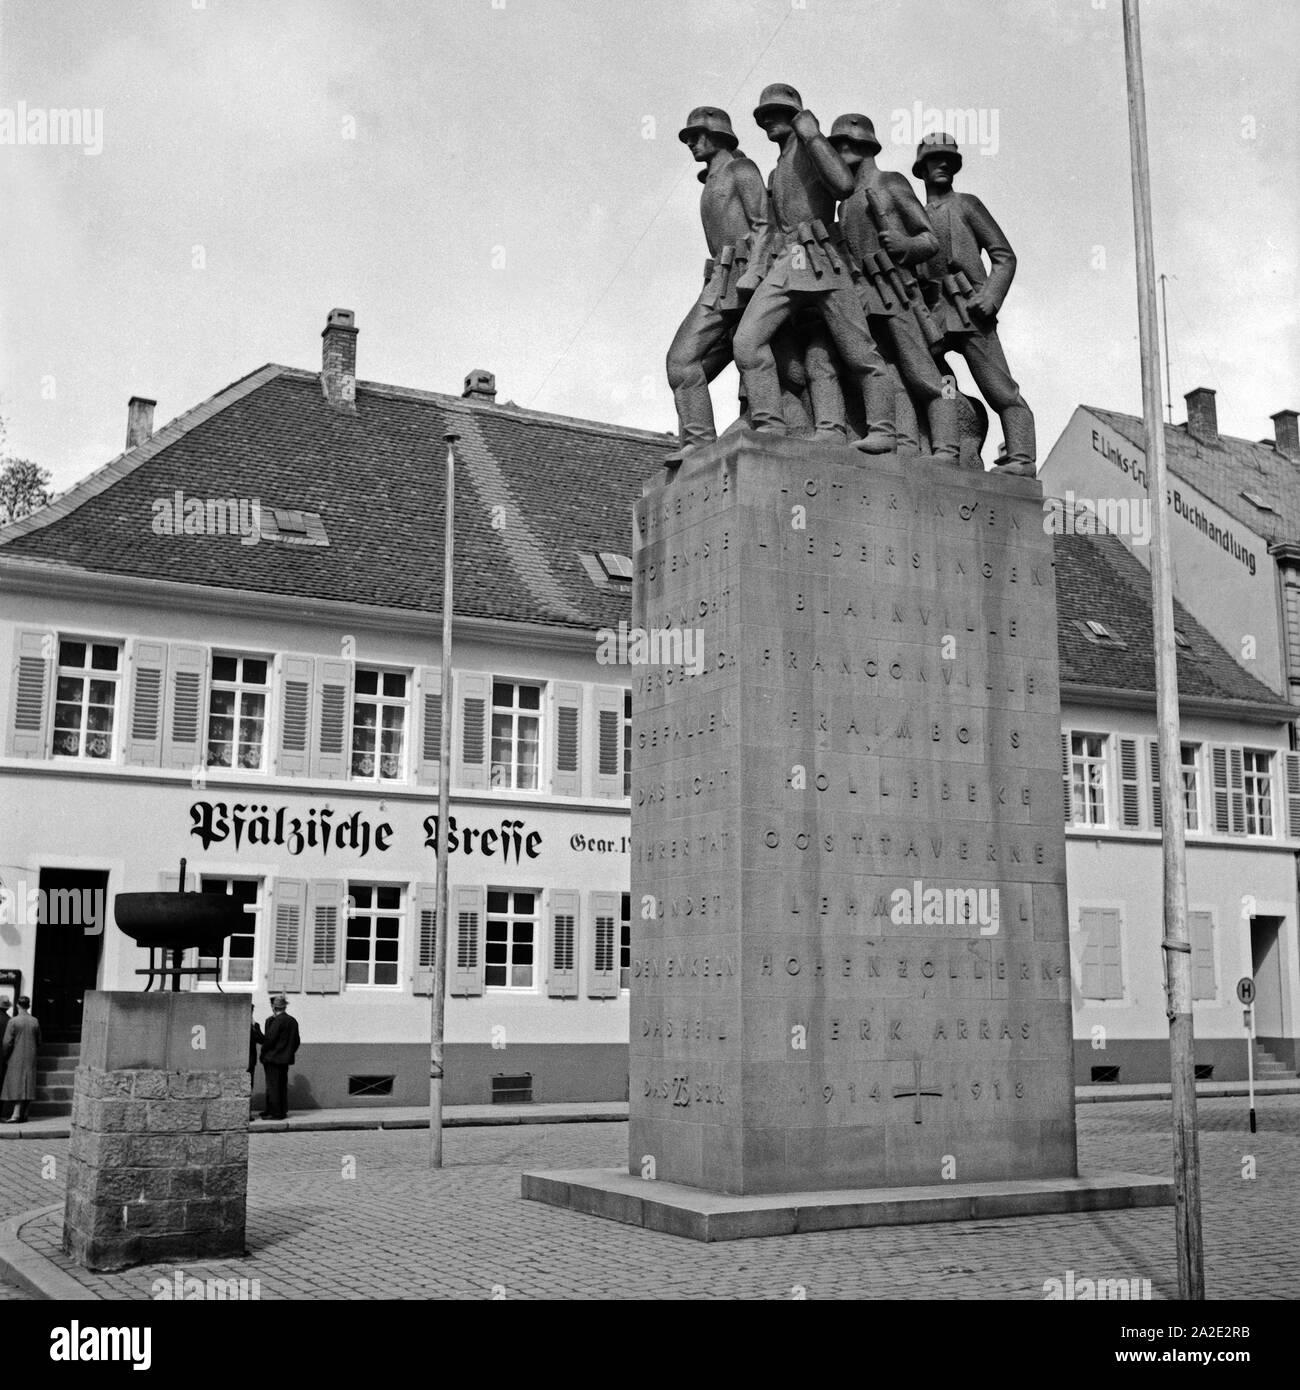 Das Kriegerdenkmal für die Gefallenen des 1. Weltkrieges im Stadtzentrum von Kaiserslautern, Deutschland 1930er Jahre. WWI memorial at the city centre of Kaiserslautern, Germany 1930s. Stock Photo